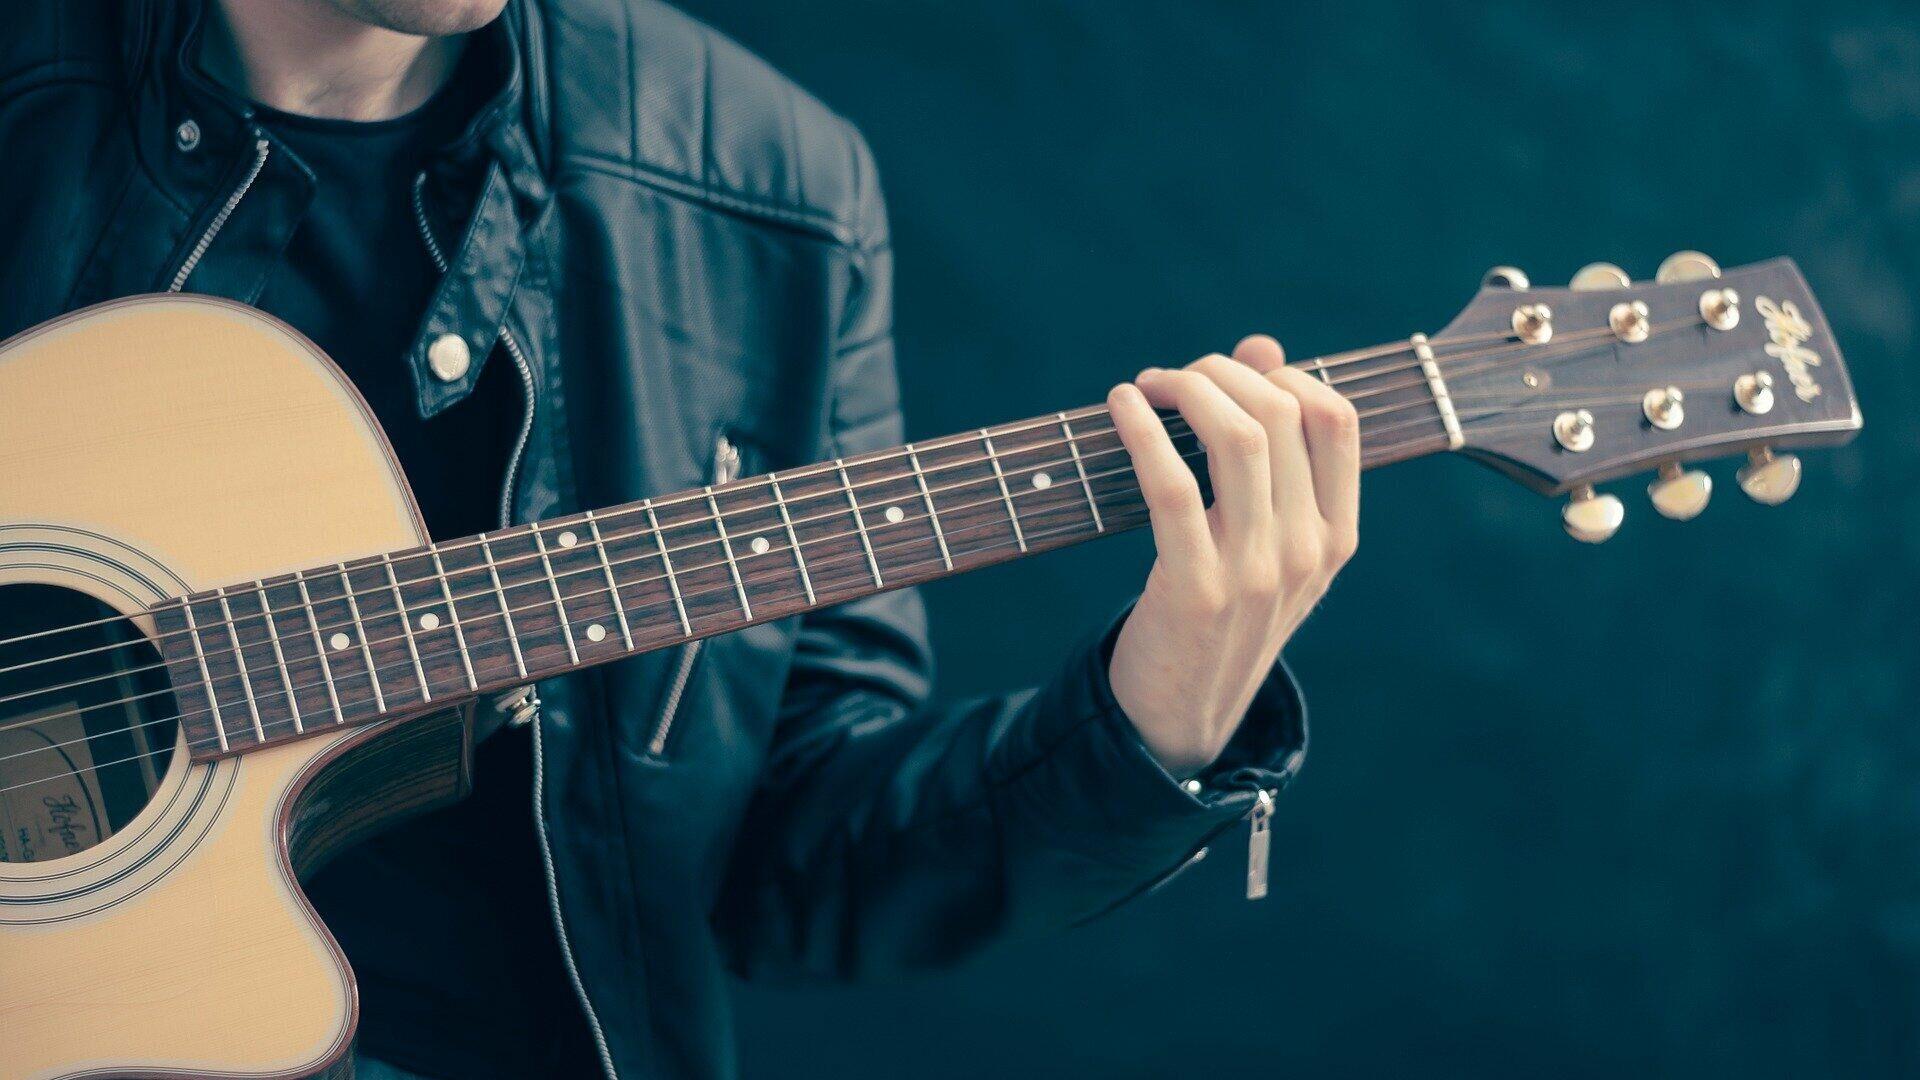 Un chico tocando el guitarra (imagen referencial) - Sputnik Mundo, 1920, 01.07.2021